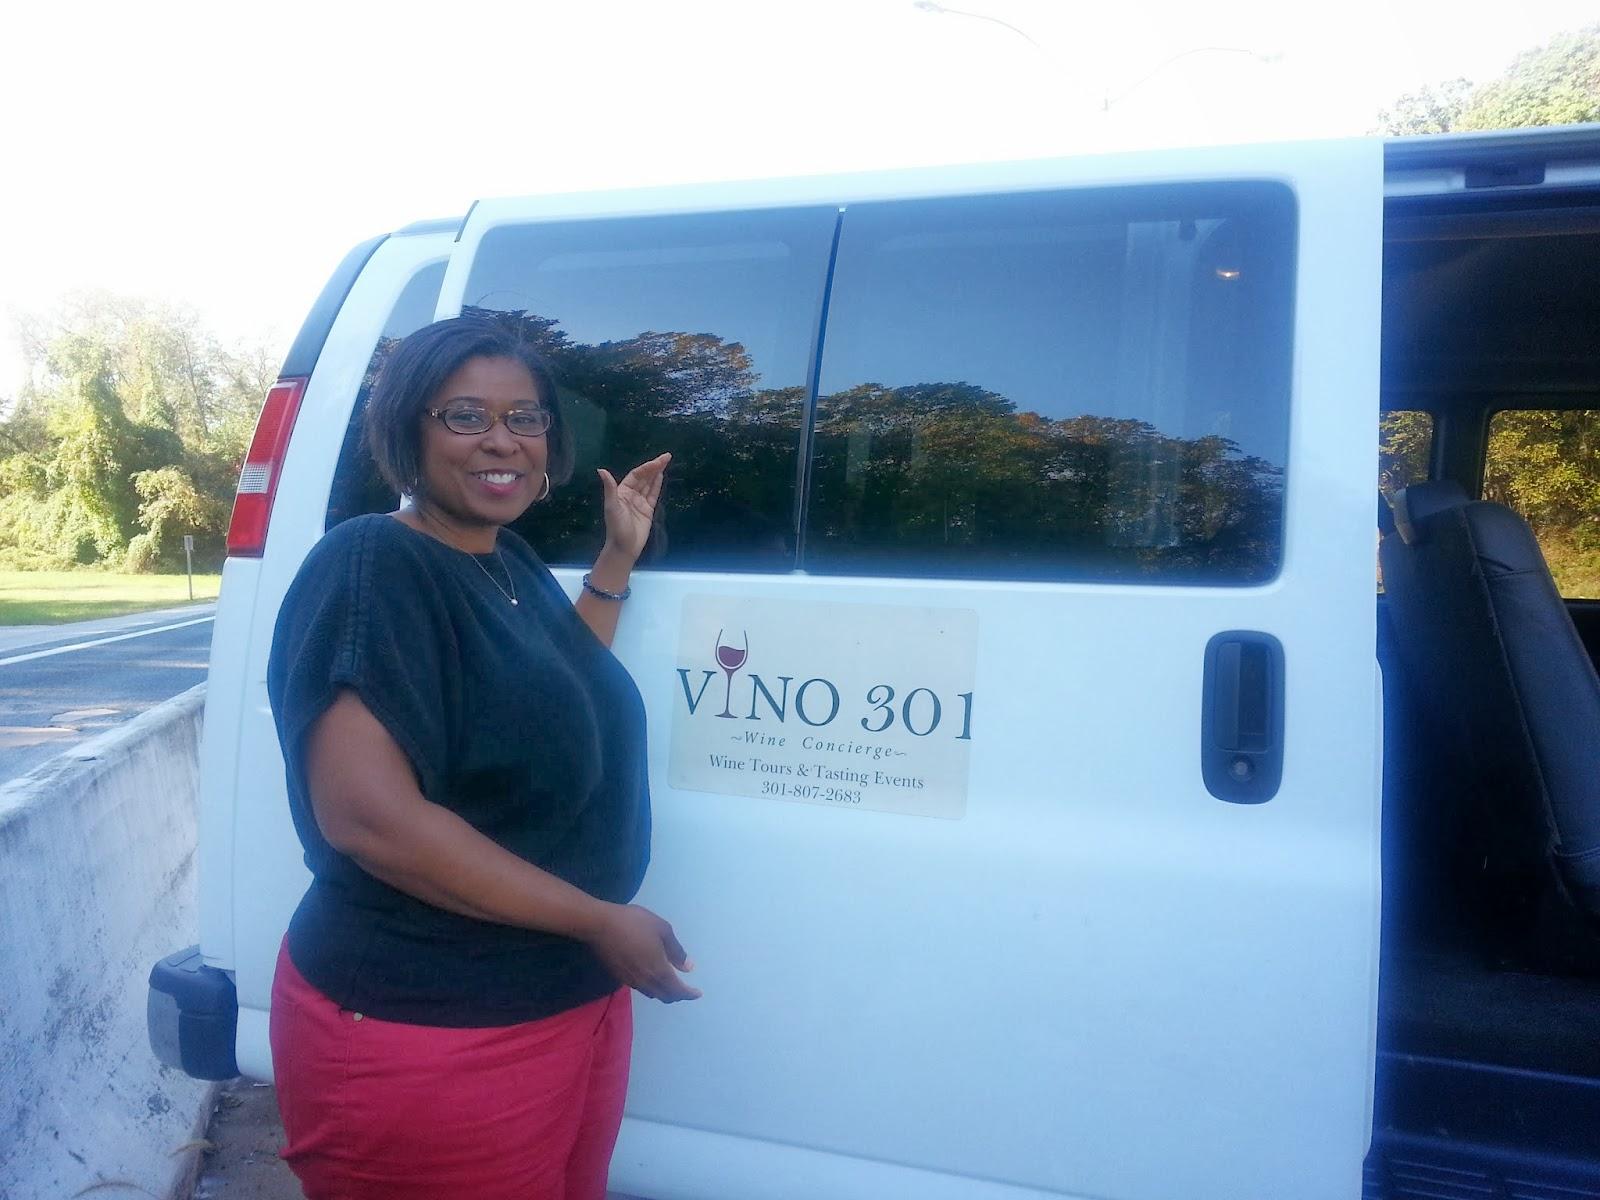 Leslie Frelow, owner of Vino 301